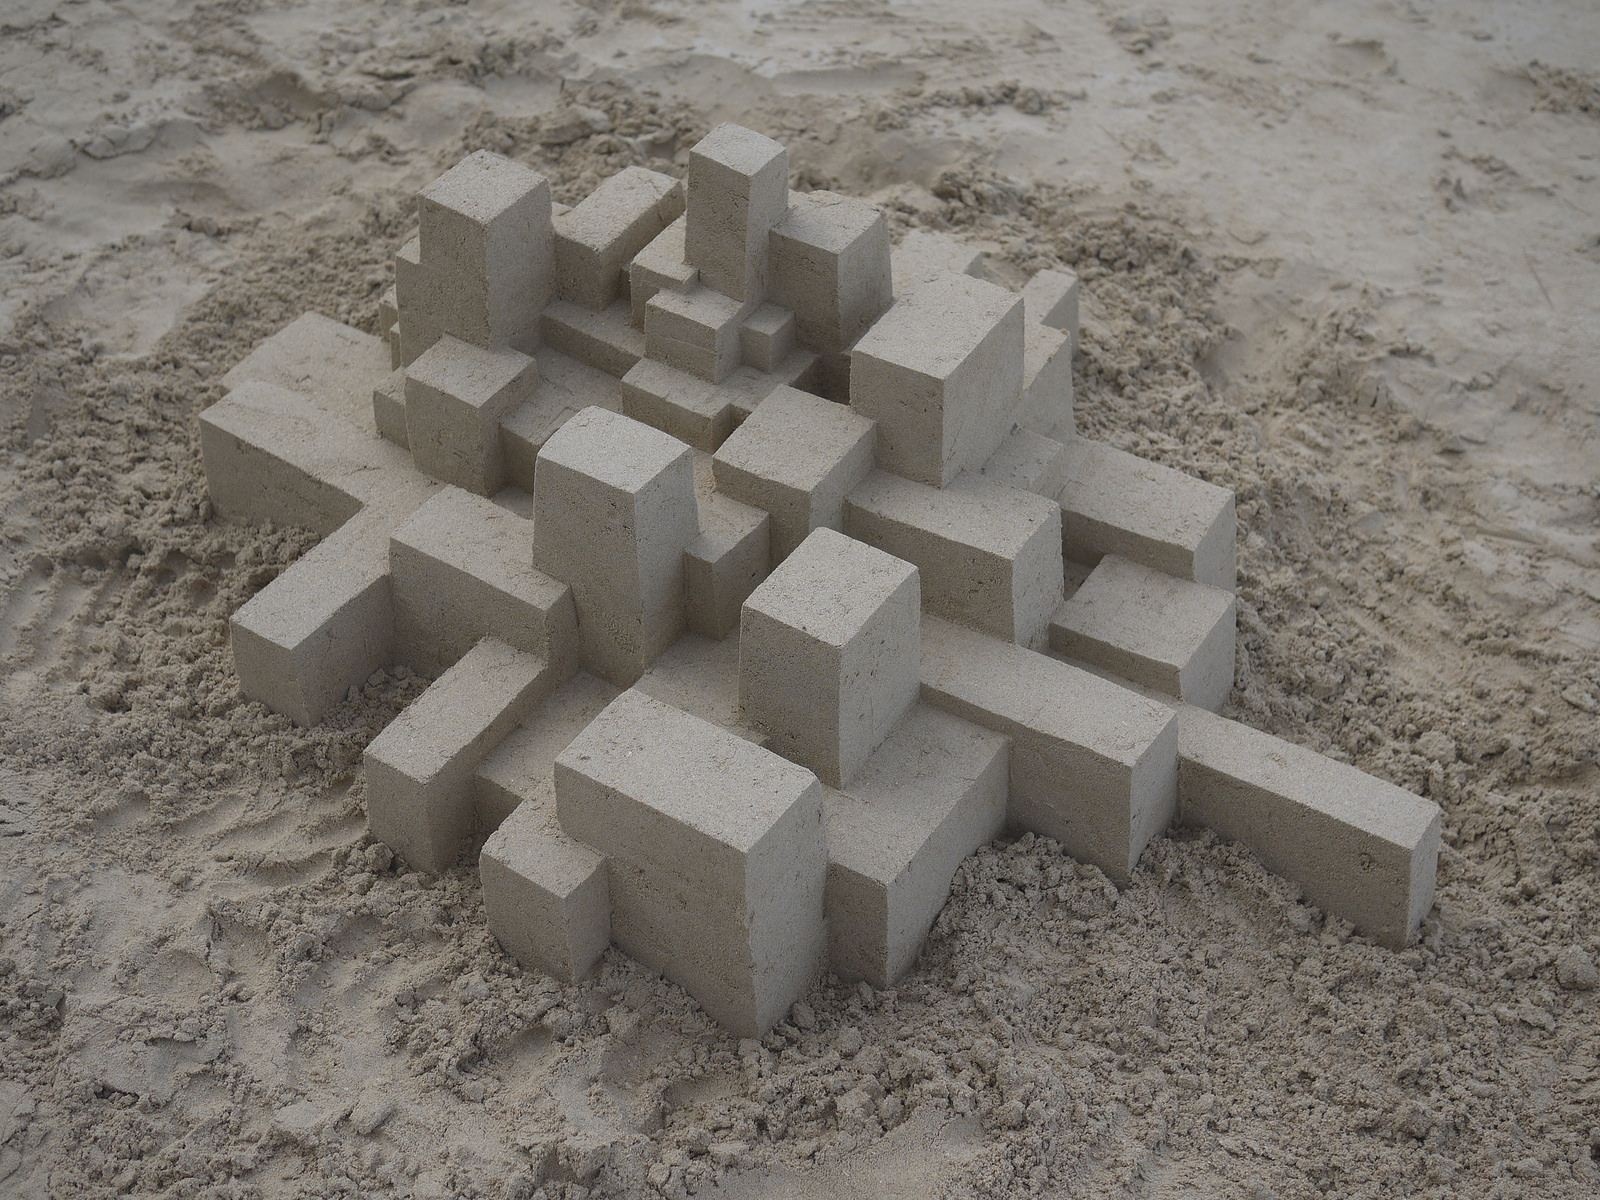 sand-castles-calvin-seibert- 04